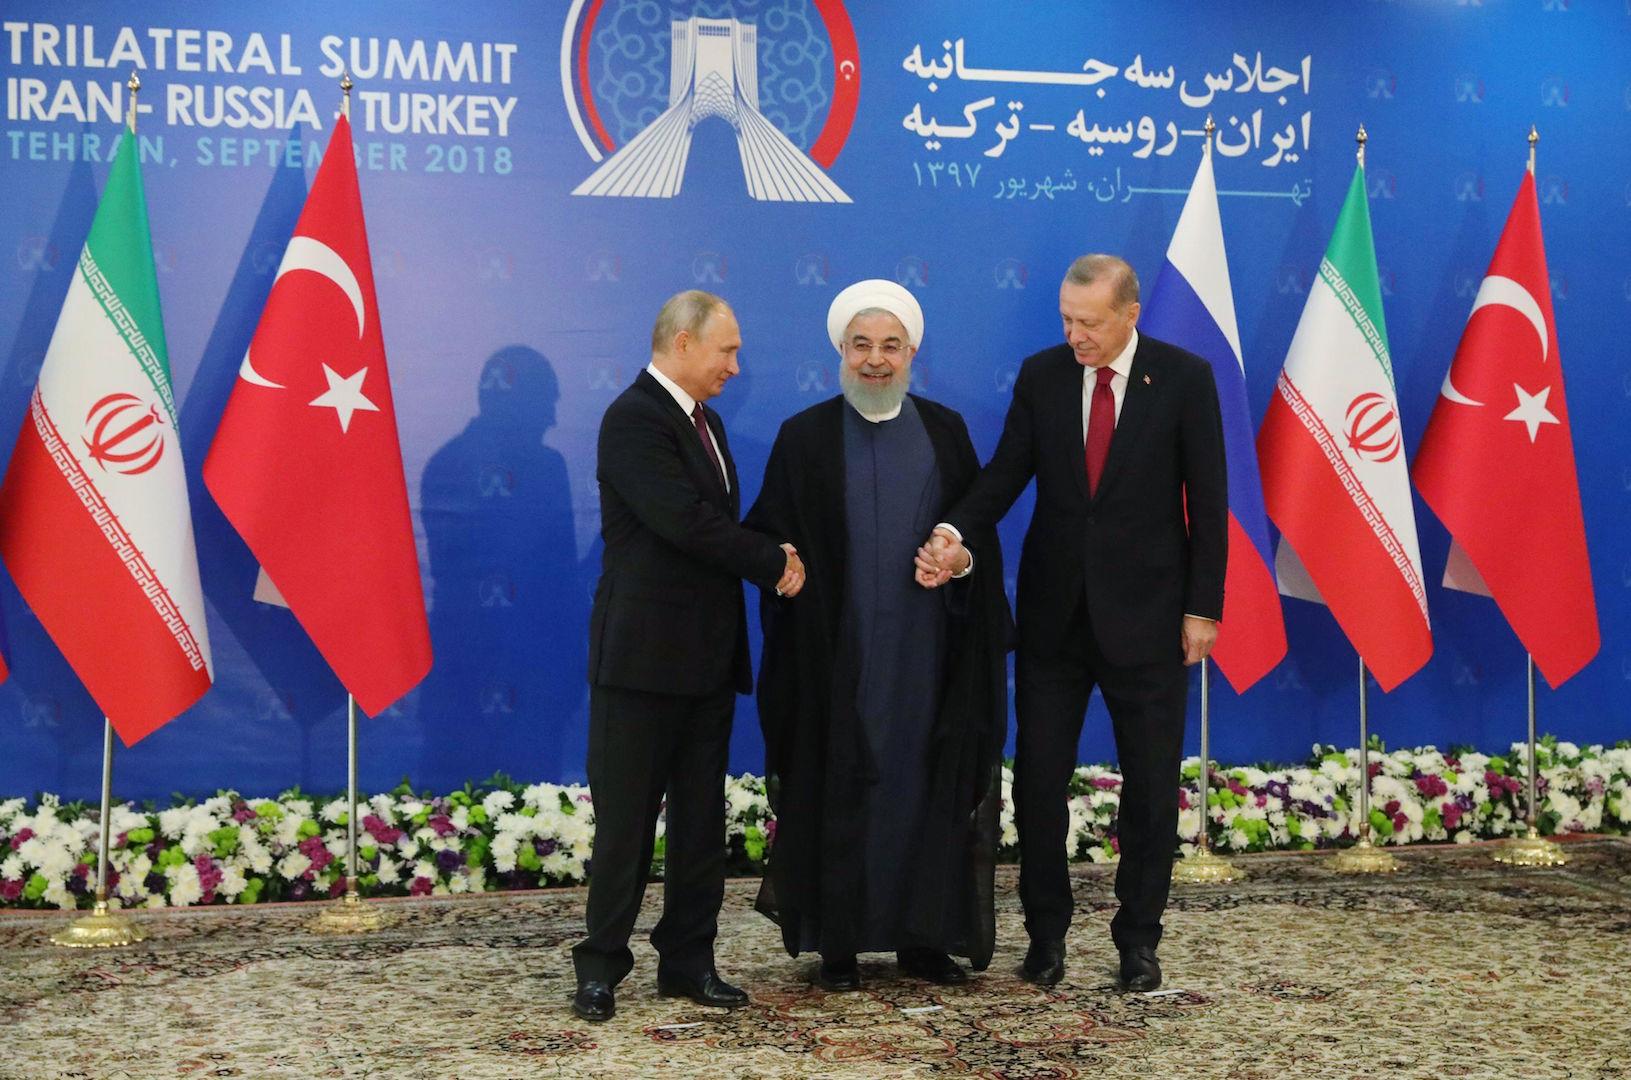 Έντονη διαφωνία Τουρκίας-Ιράν-Ρωσίας για το Συριακό